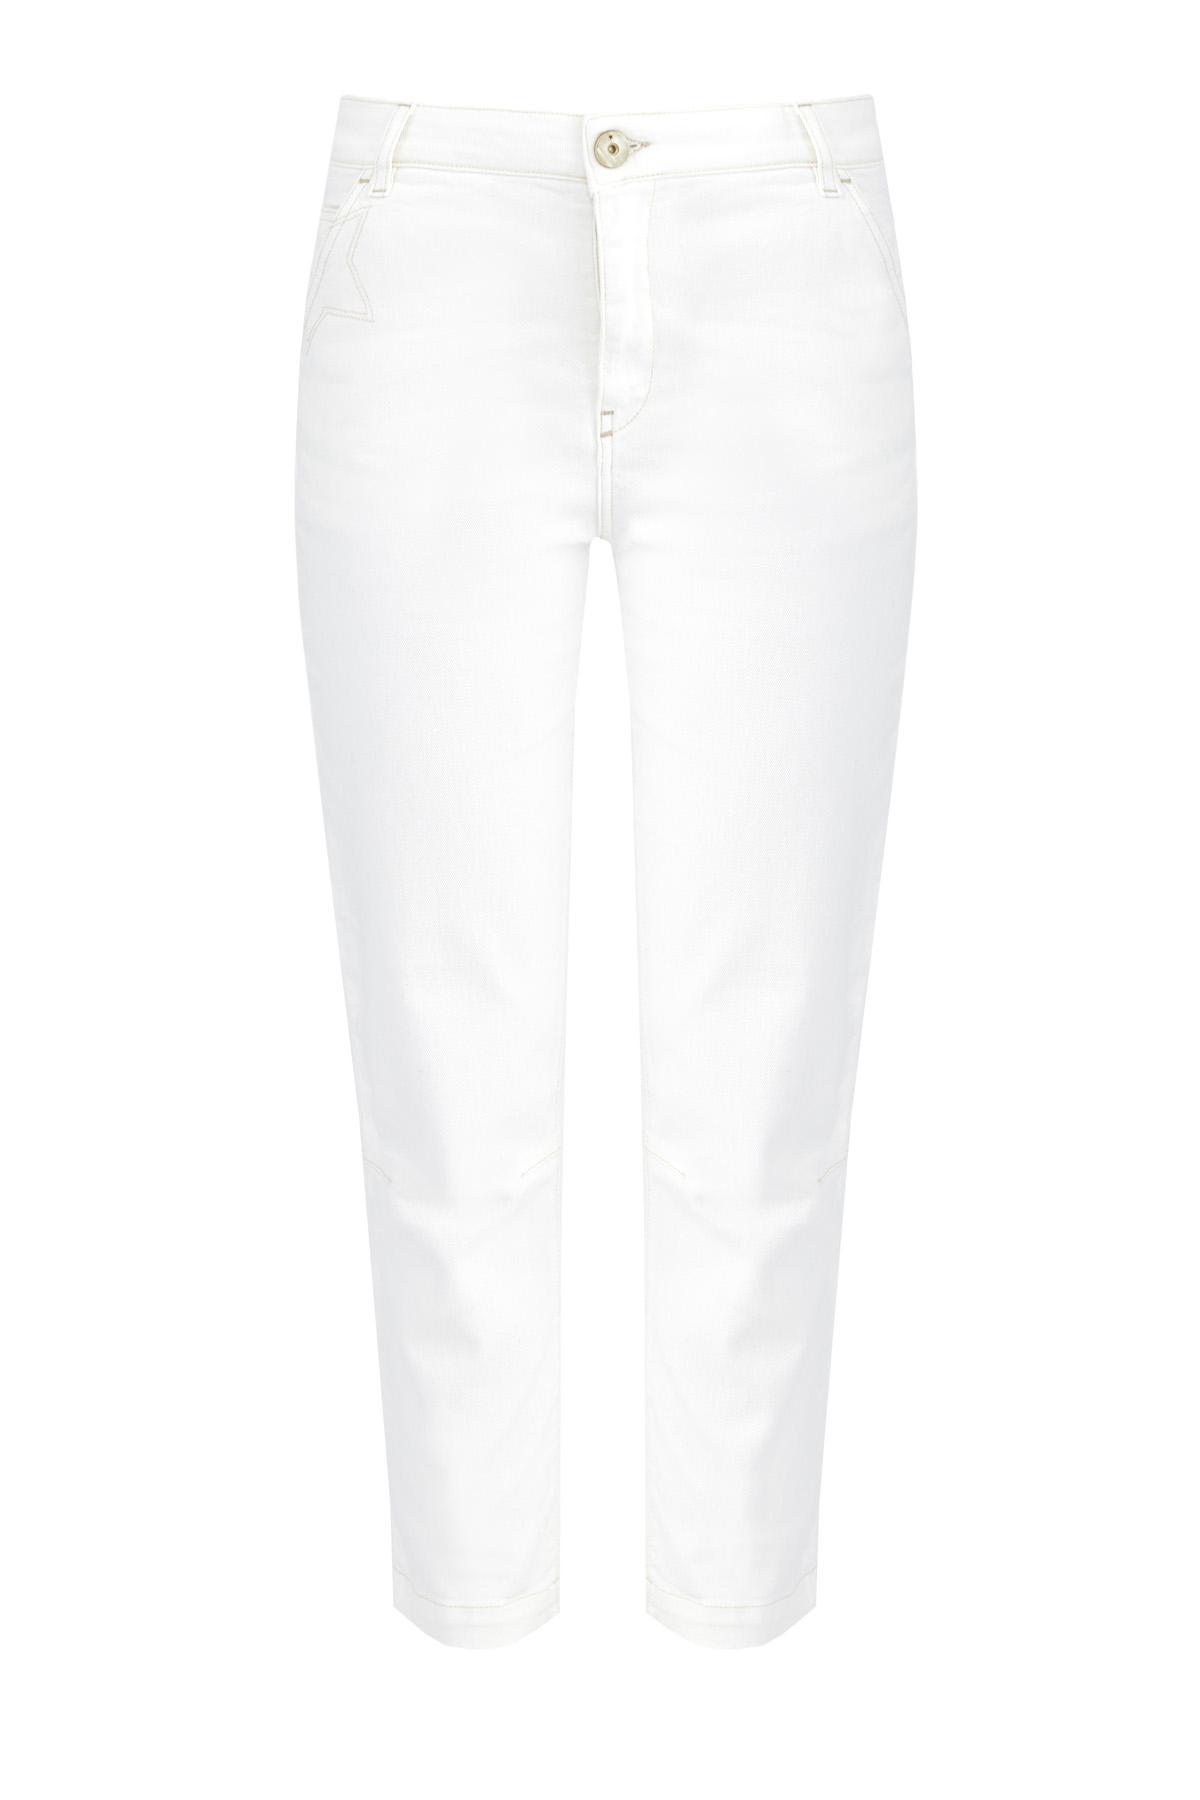 Купить со скидкой Укороченные джинсы-slim с вытачками на коленях